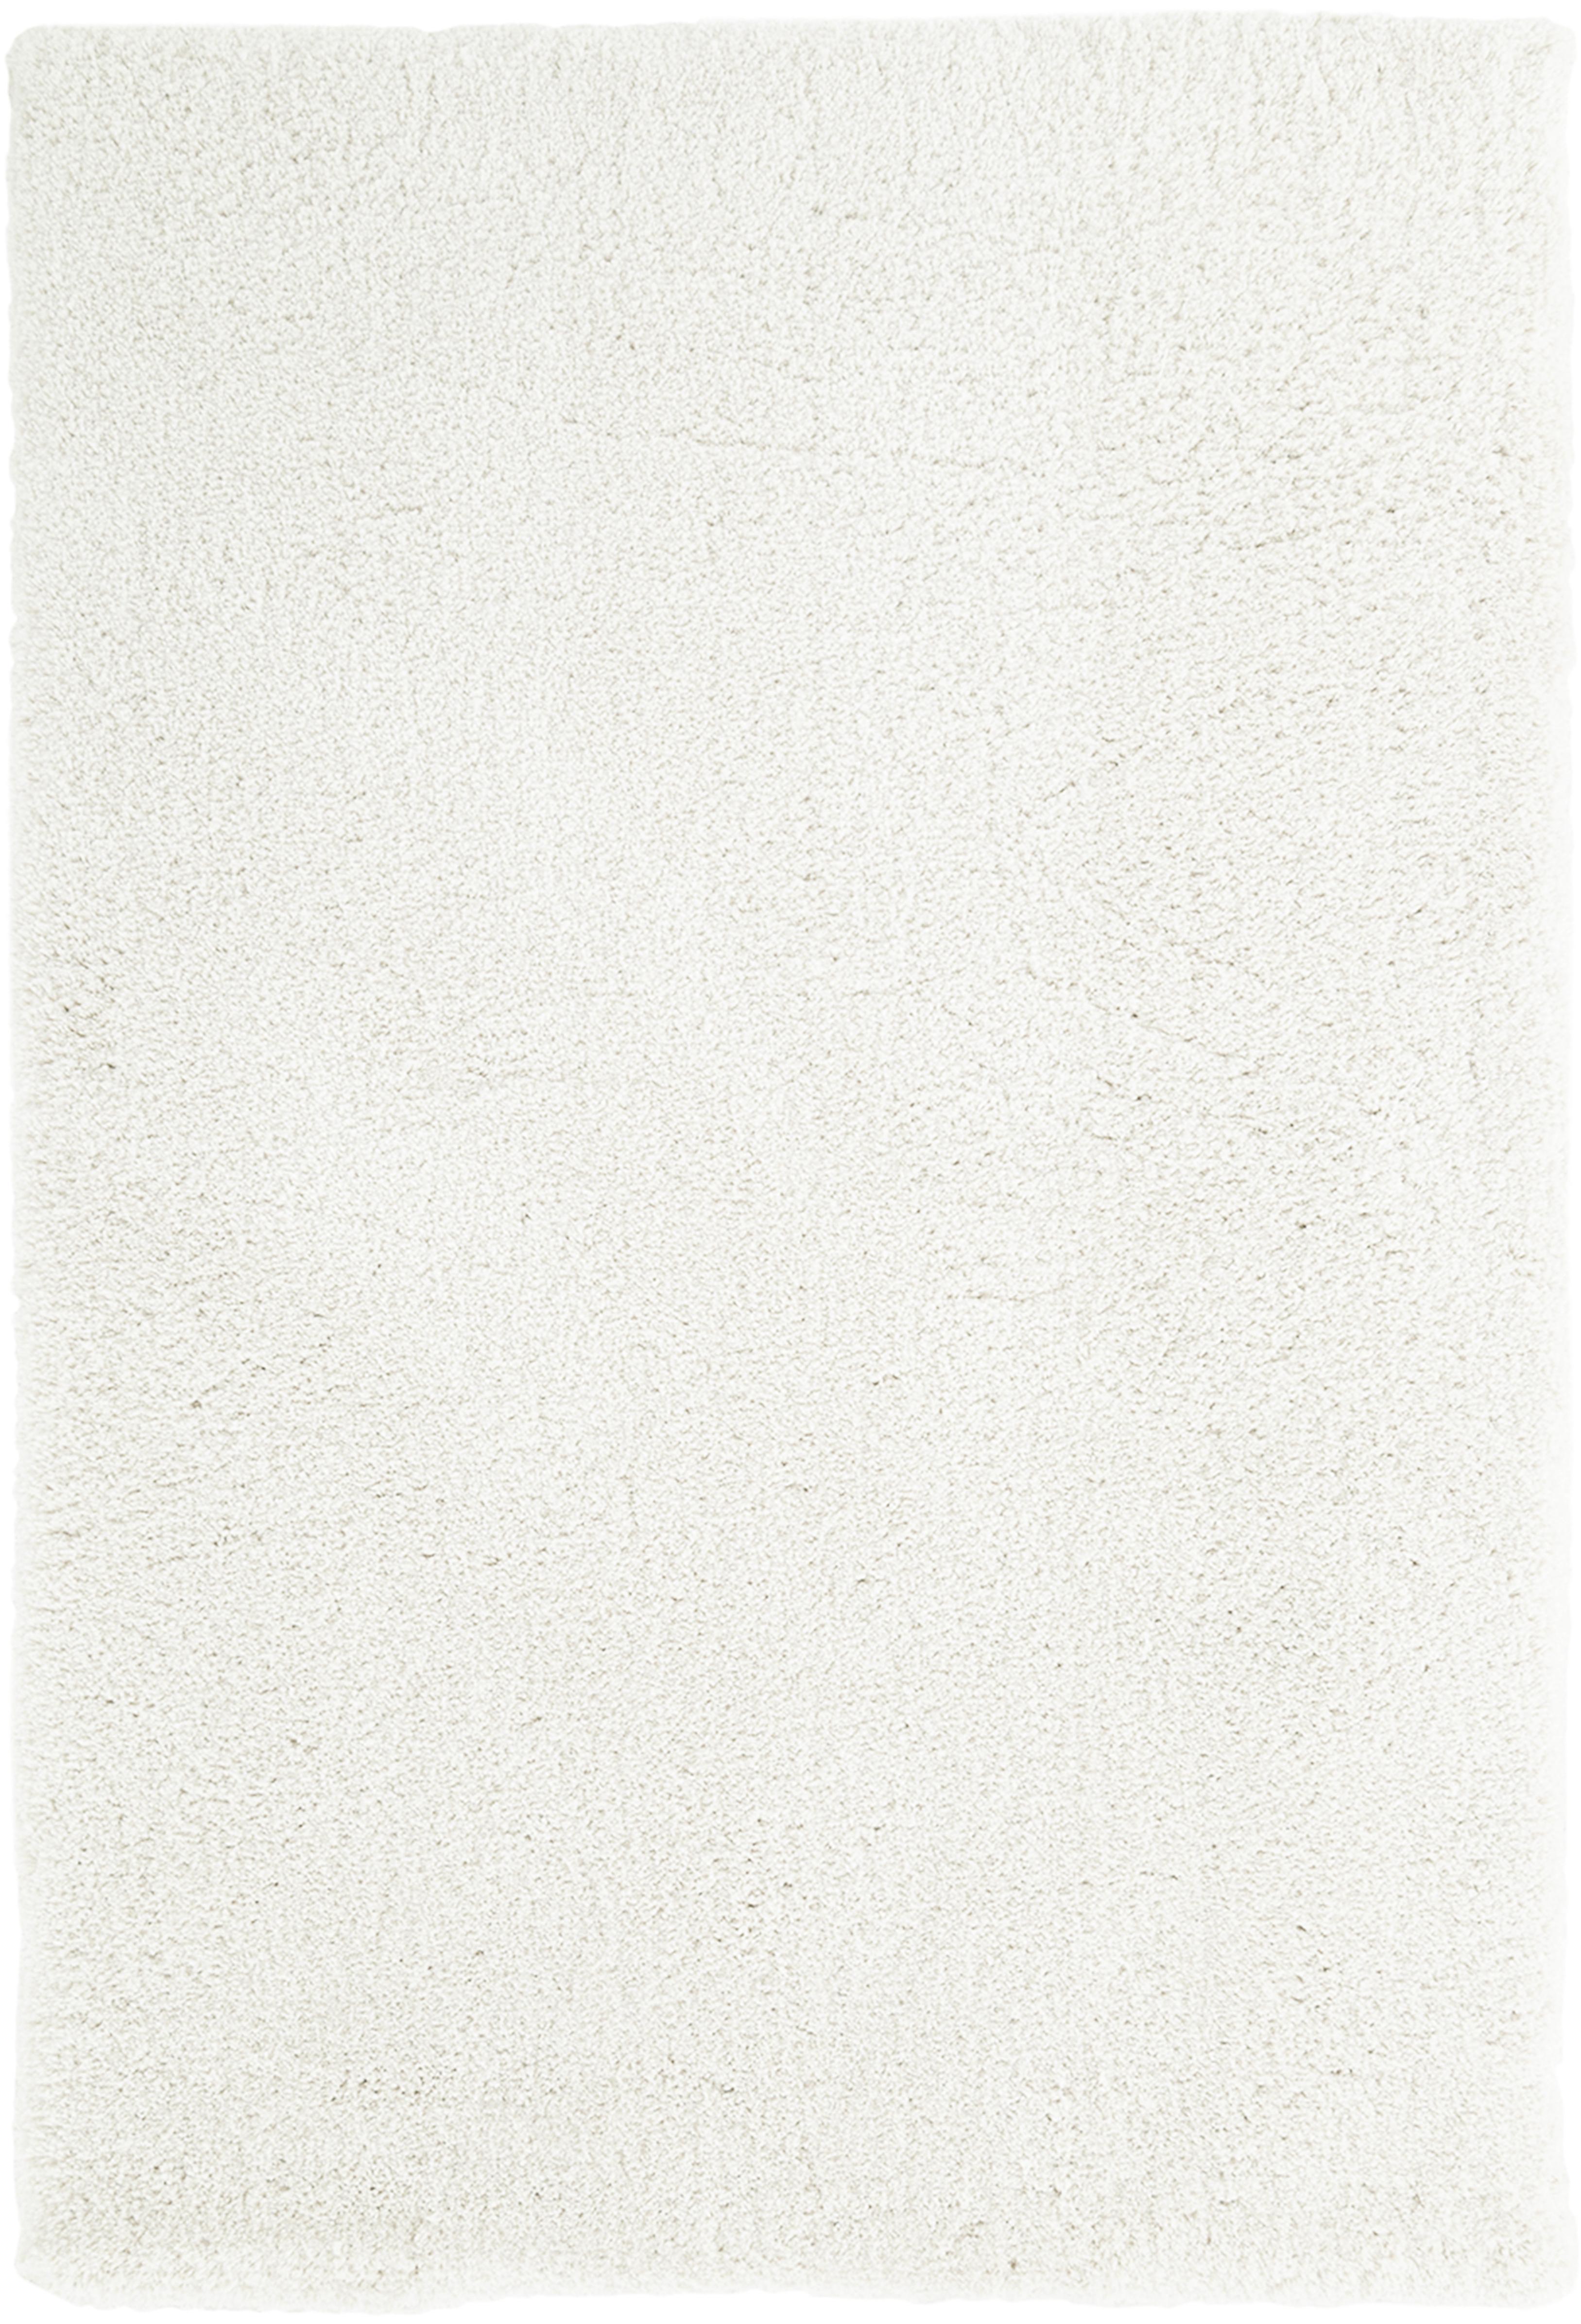 Flauschiger Hochflor-Teppich Leighton in Creme, Flor: 100% Polyester (Mikrofase, Creme, B 120 x L 180 cm (Größe S)